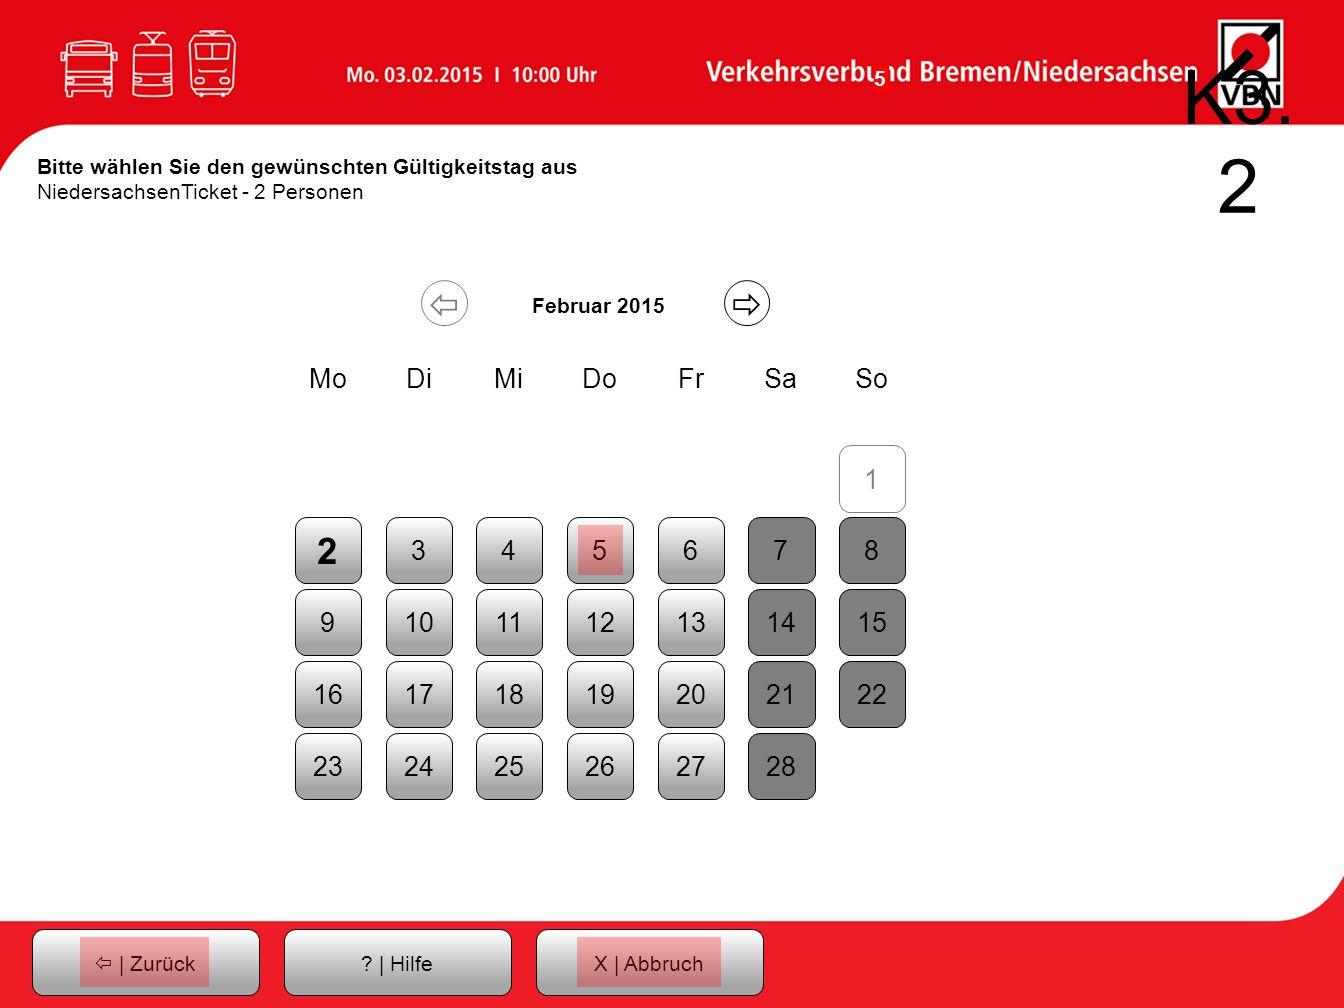 K3.2 Bitte wählen Sie den gewünschten Gültigkeitstag aus NiedersachsenTicket - 2 Personen.   Februar 2015.